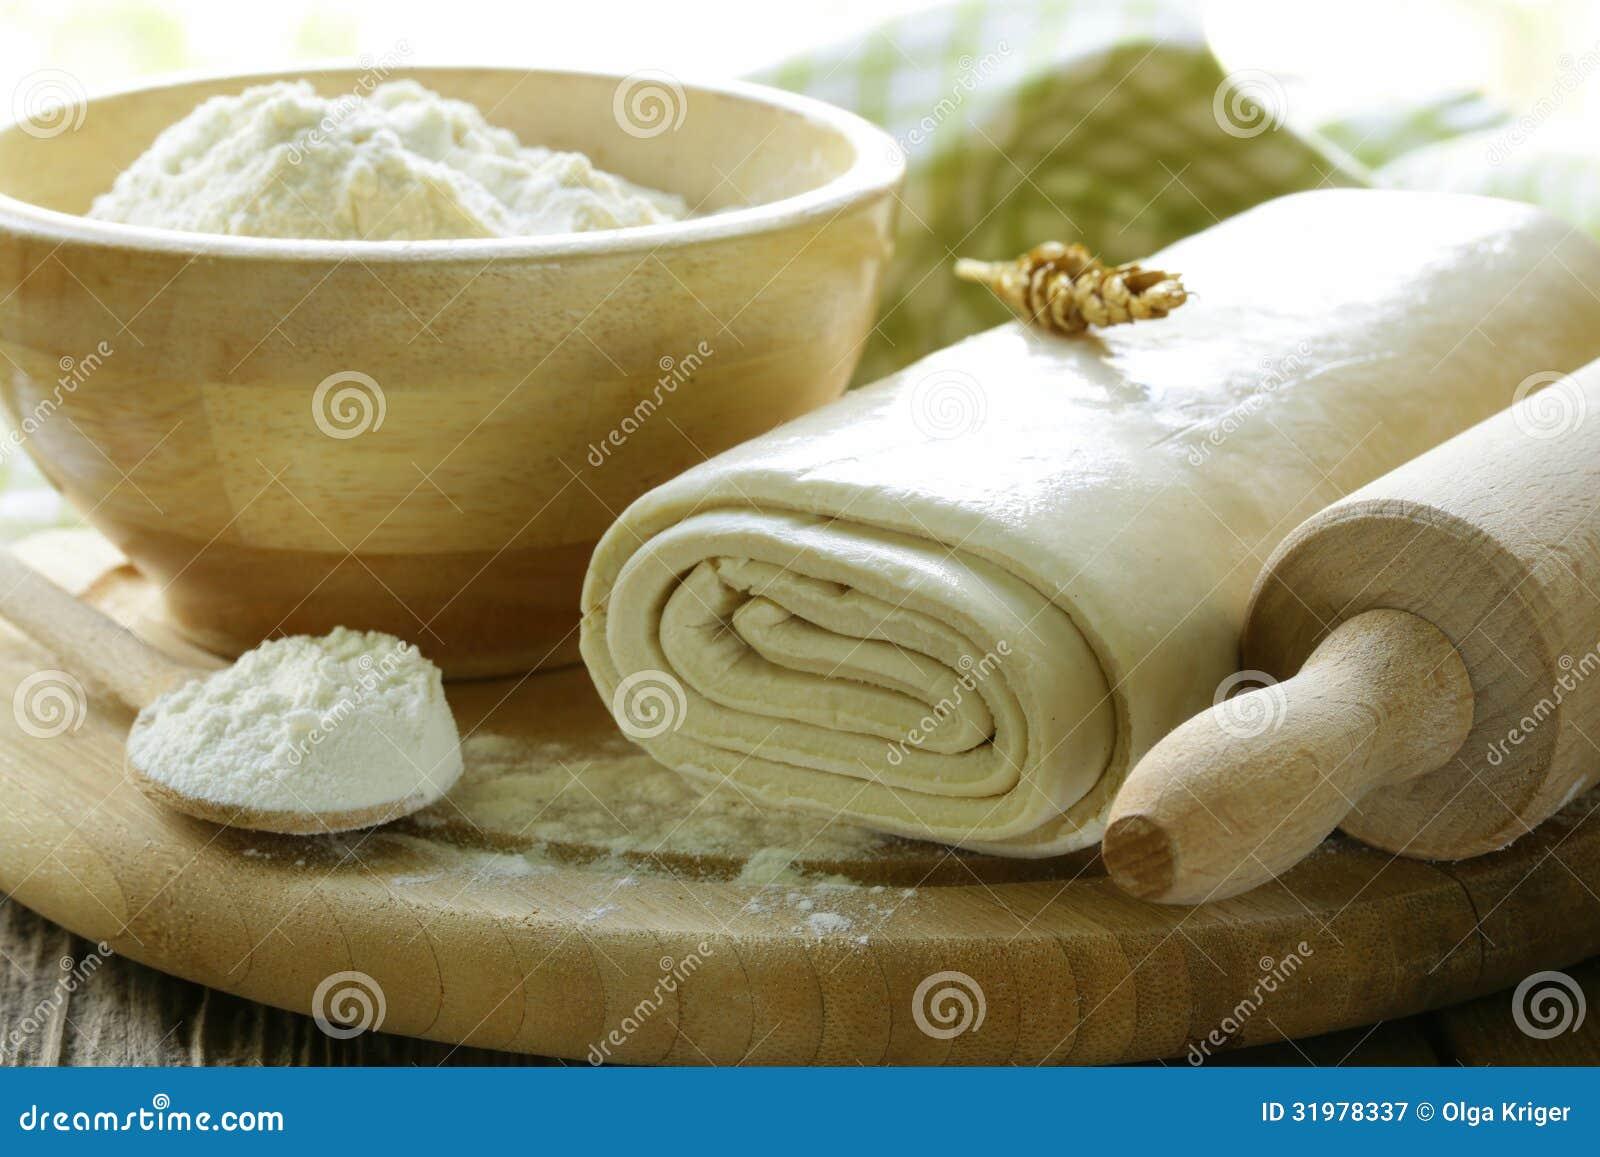 Pasta De Hojaldre Y Harina Hechas En Casa Imagen De Archivo Imagen De Hojaldre Harina 31978337